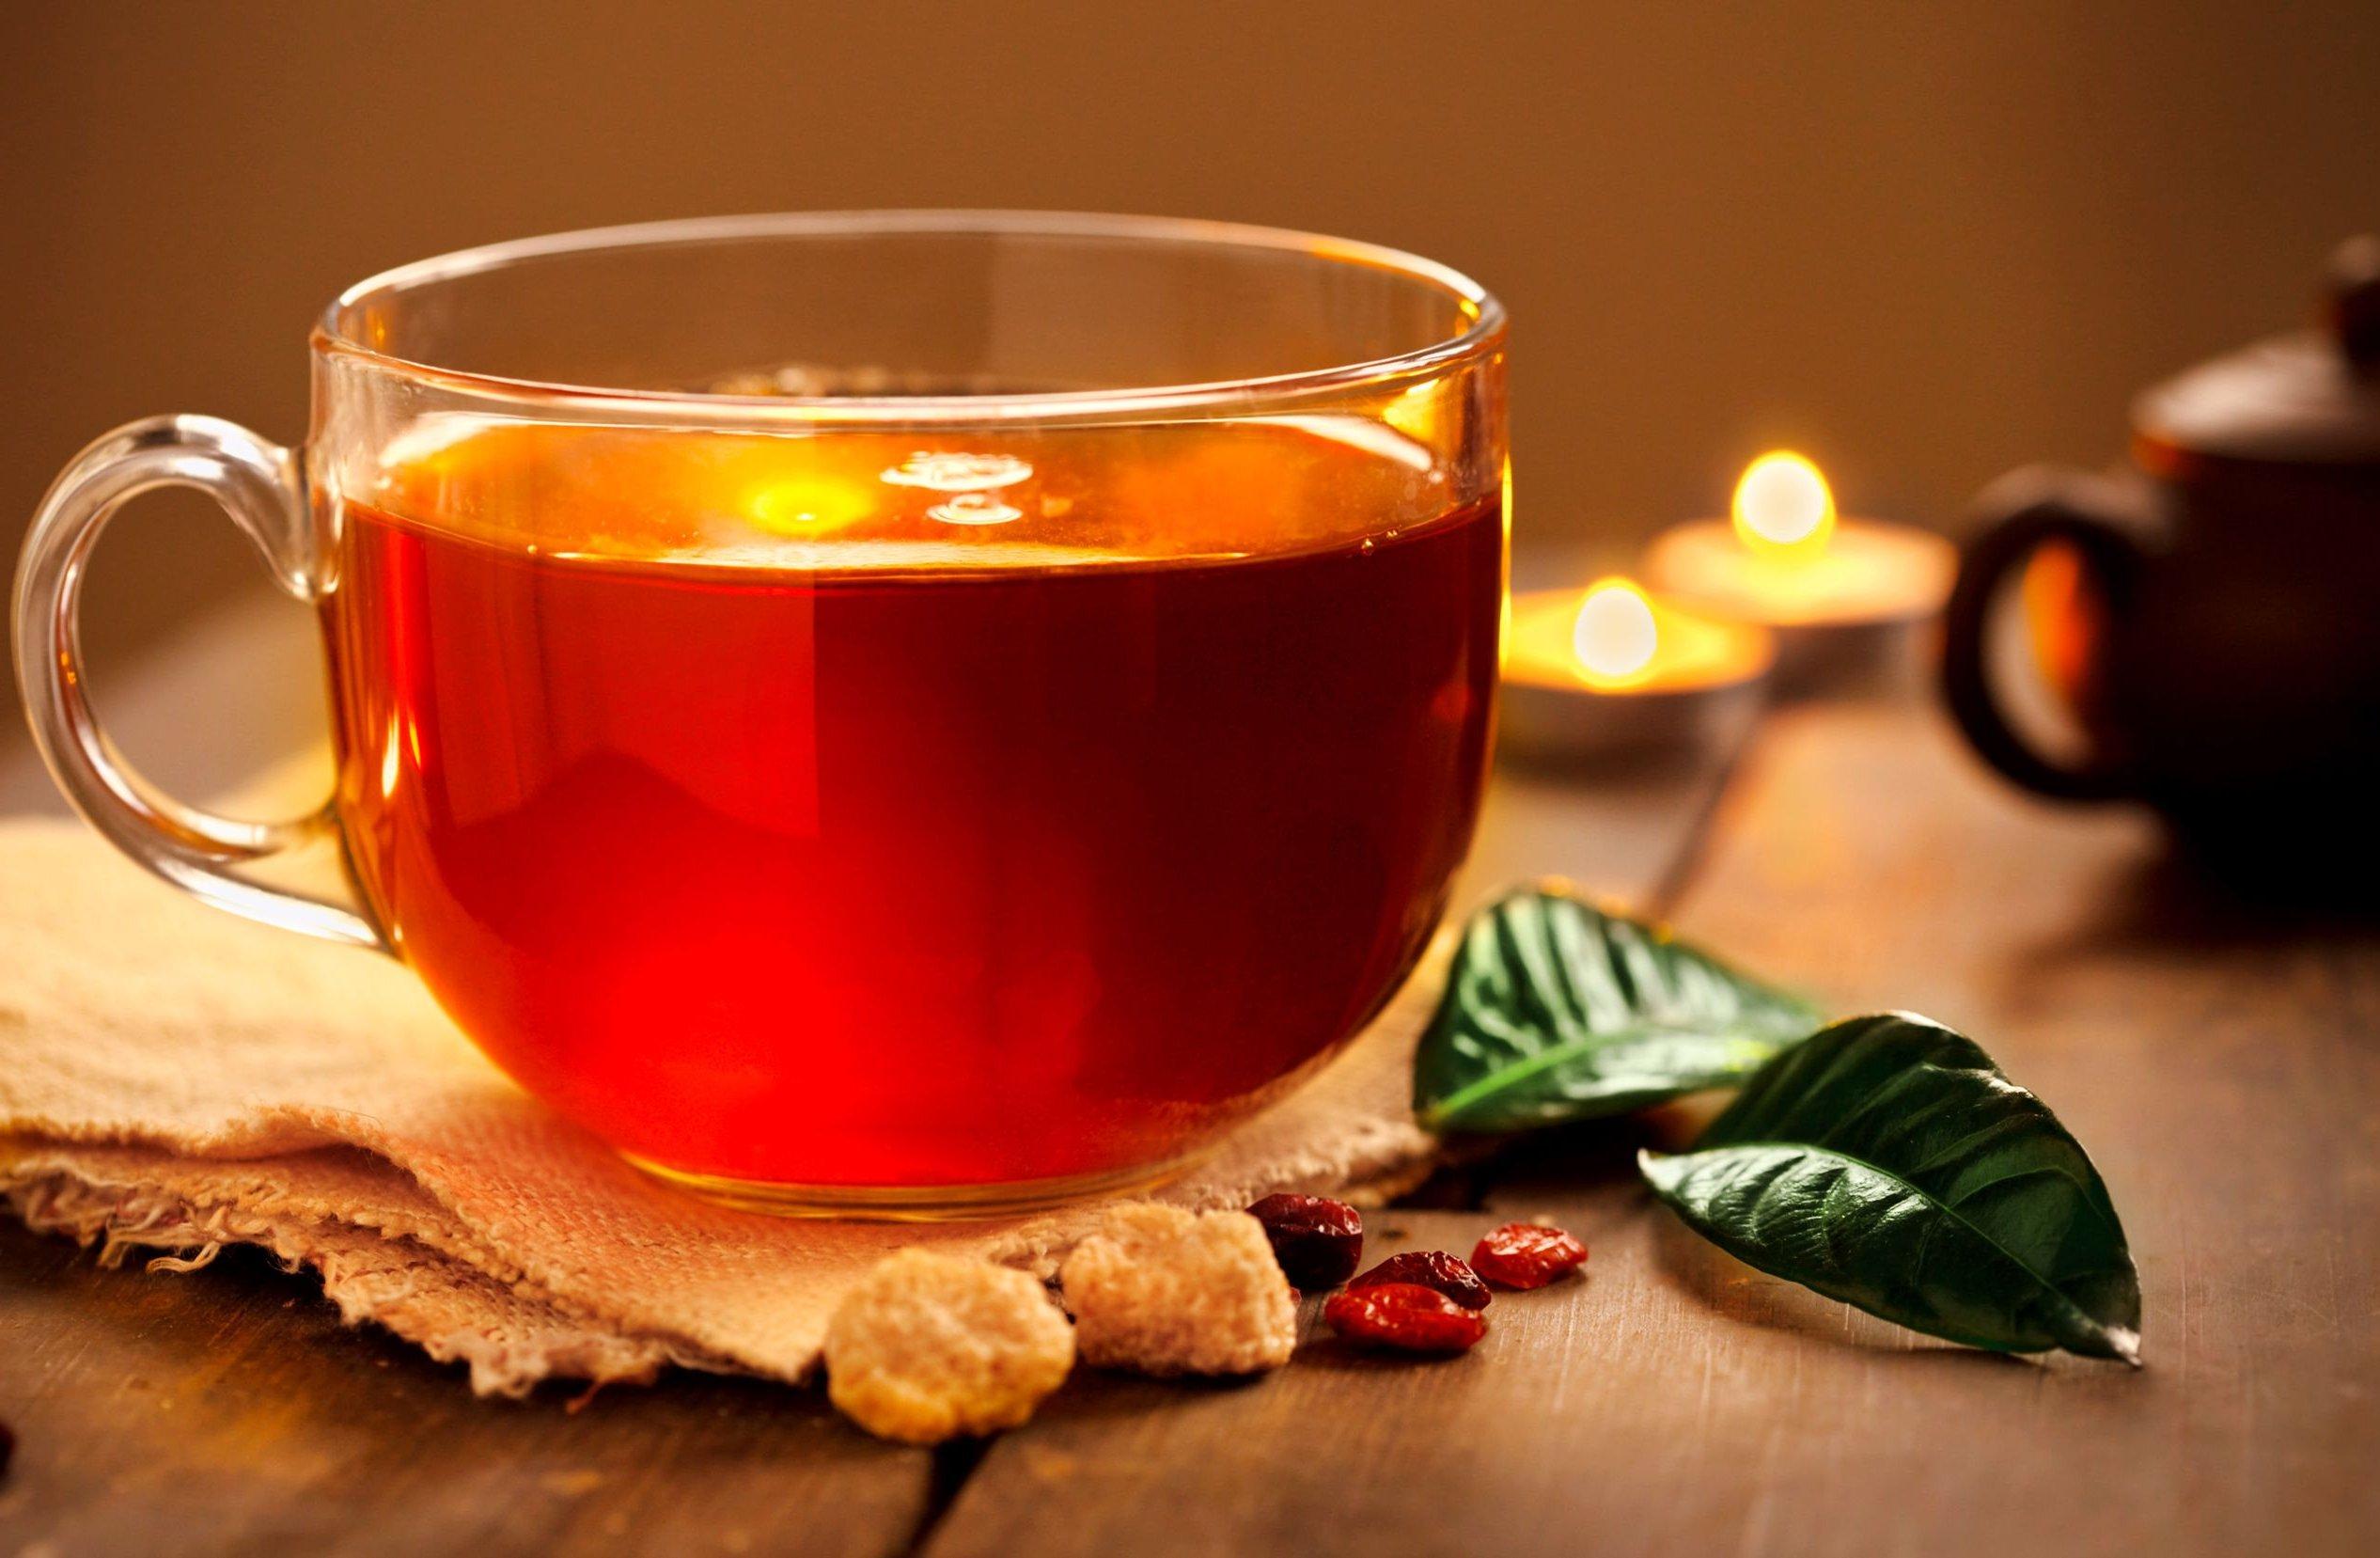 مظنه فروش چای در بازار چقدر است؟